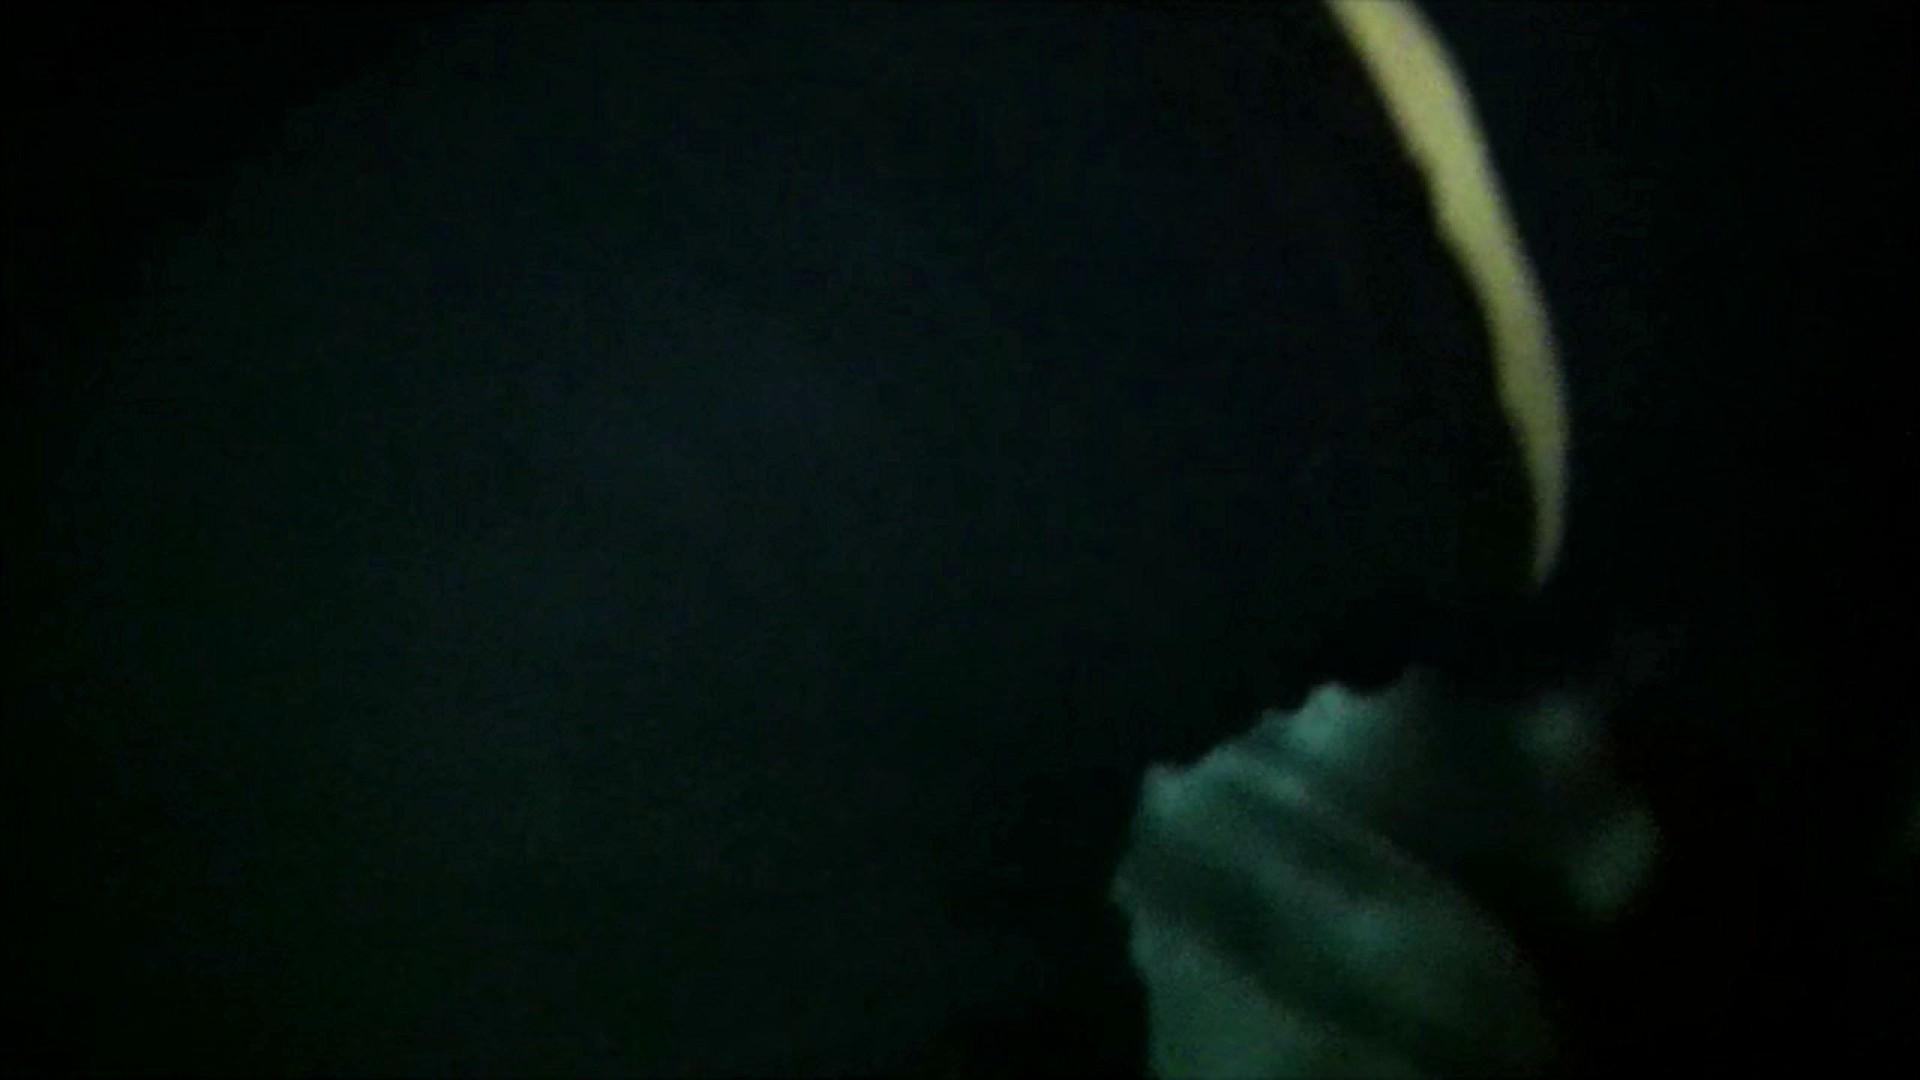 魔術師の お・も・て・な・し vol.19 25歳のキャリアウーマンにネットカフェイタズラ いやらしいOL 女性器鑑賞 70連発 10